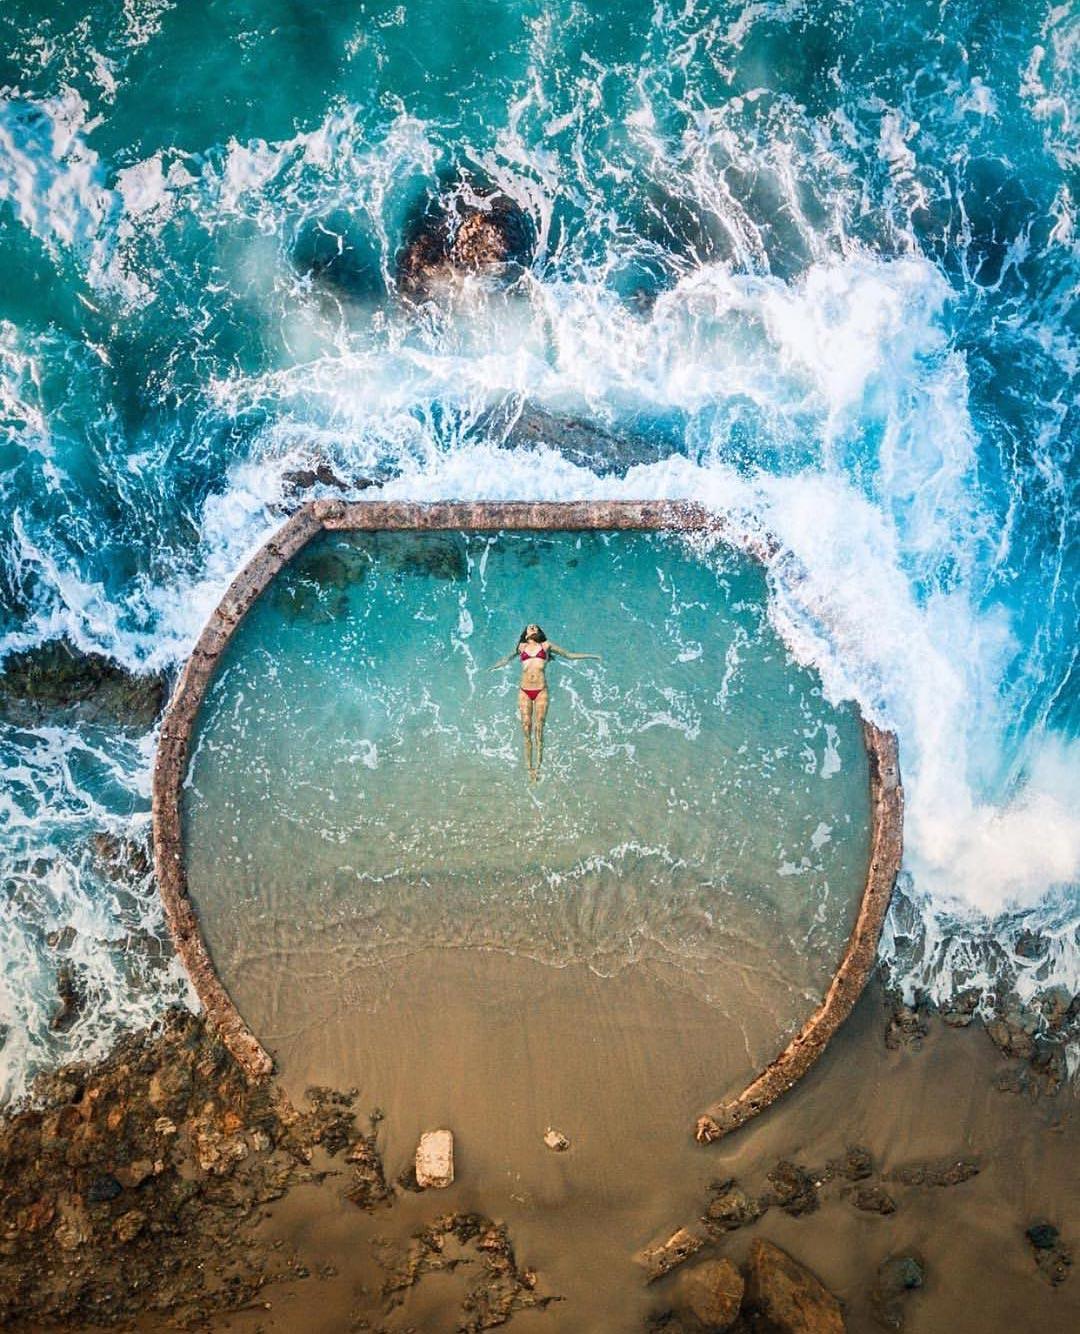 Όταν η θάλασσα δημιουργεί το τέλειο κάδρο | Φωτογραφία της ημέρας